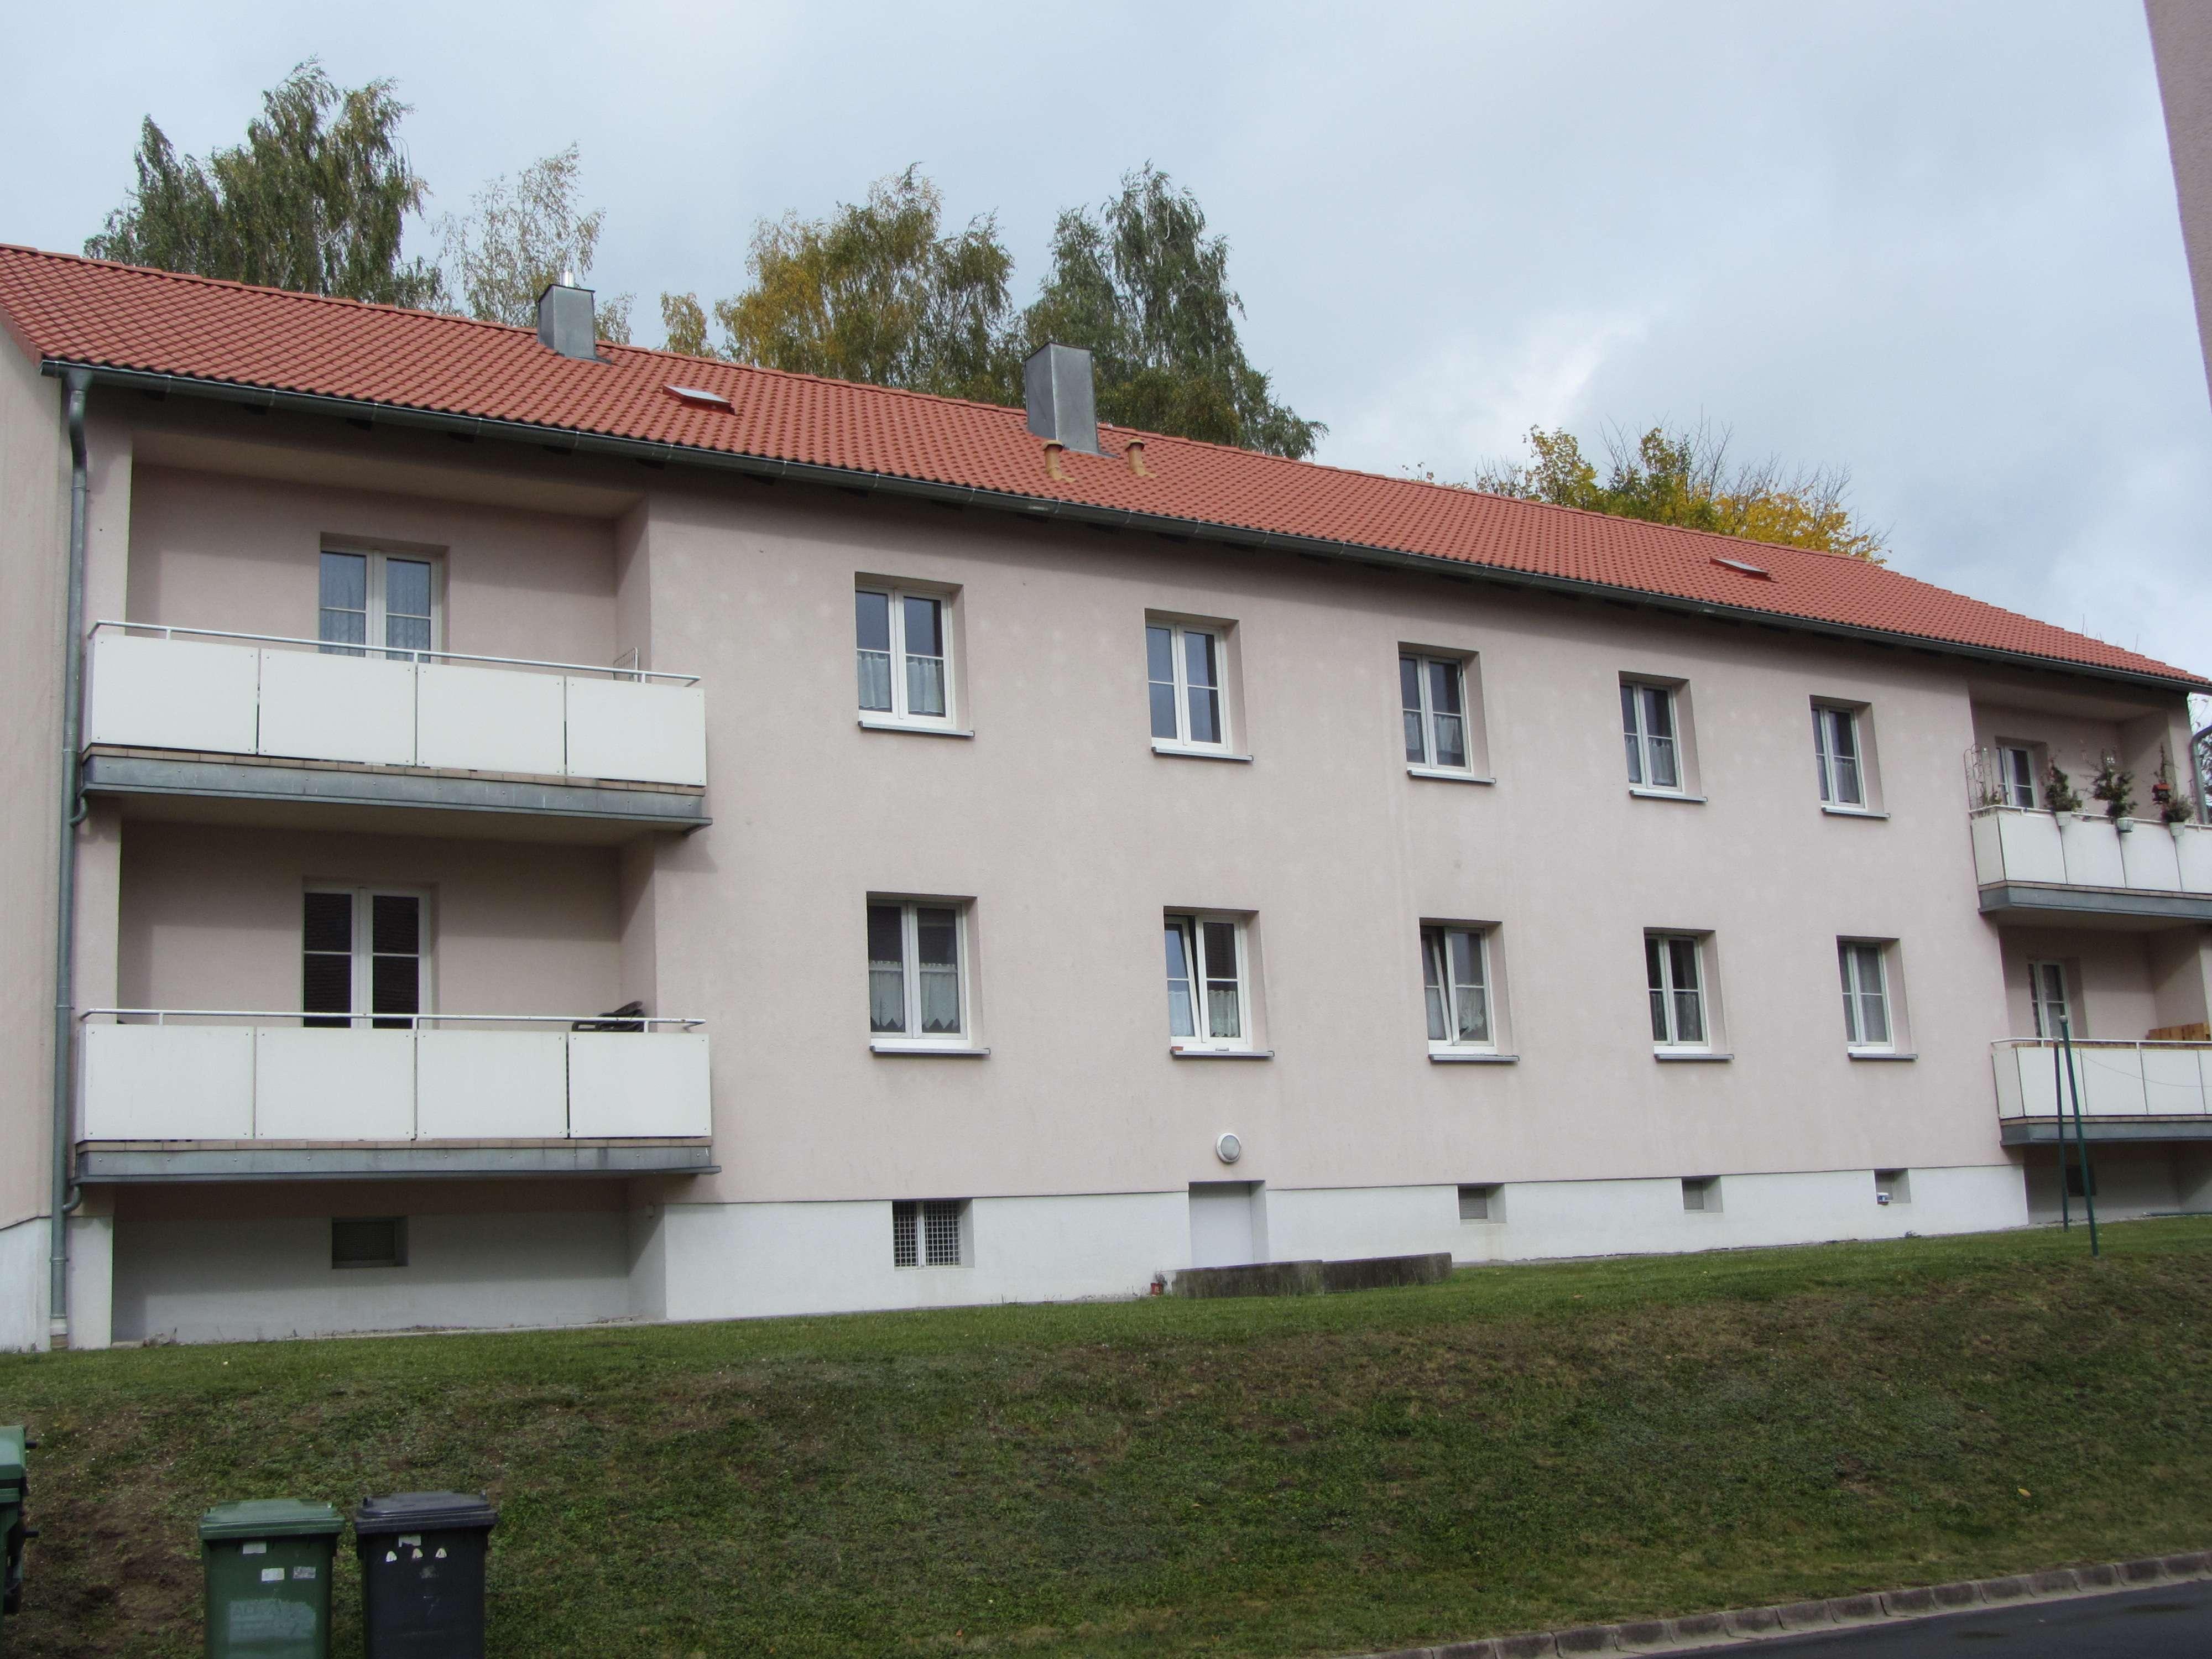 Helle, großzügige 2-Zimmer Wohnung mit Balkon in Waldershof